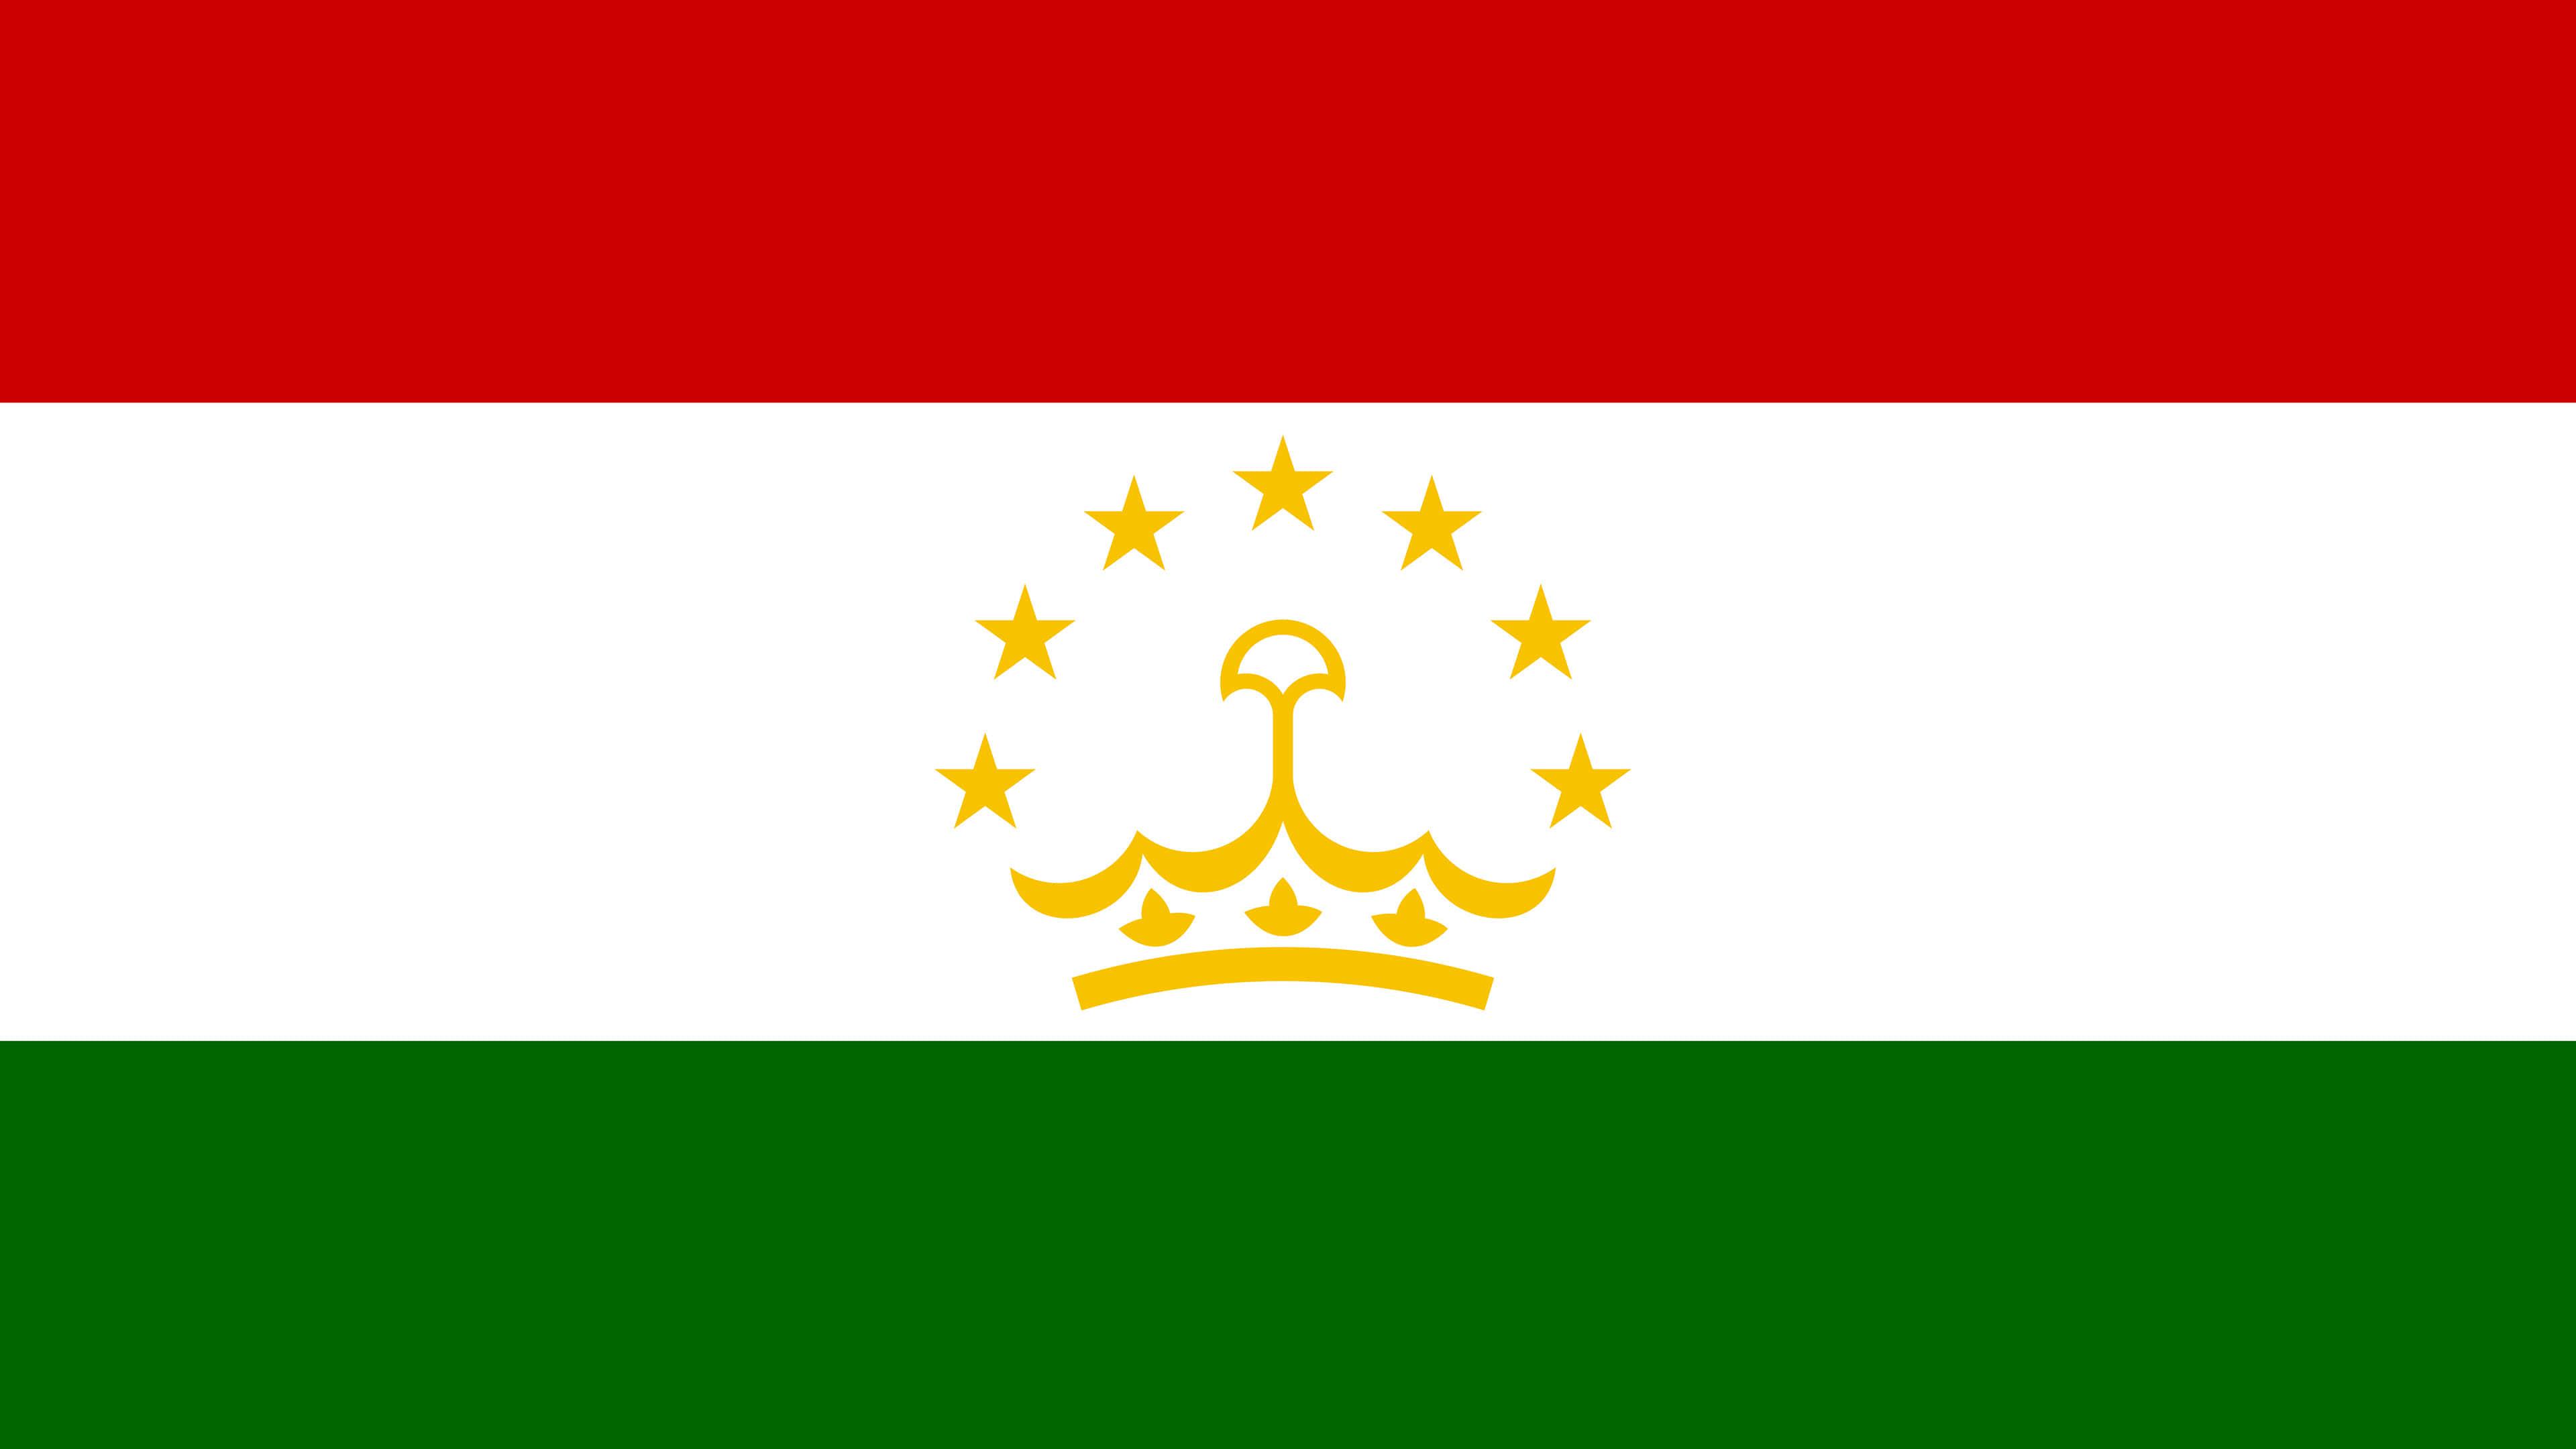 Tajikistan Flag UHD 4K Wallpaper Pixelz 3840x2160